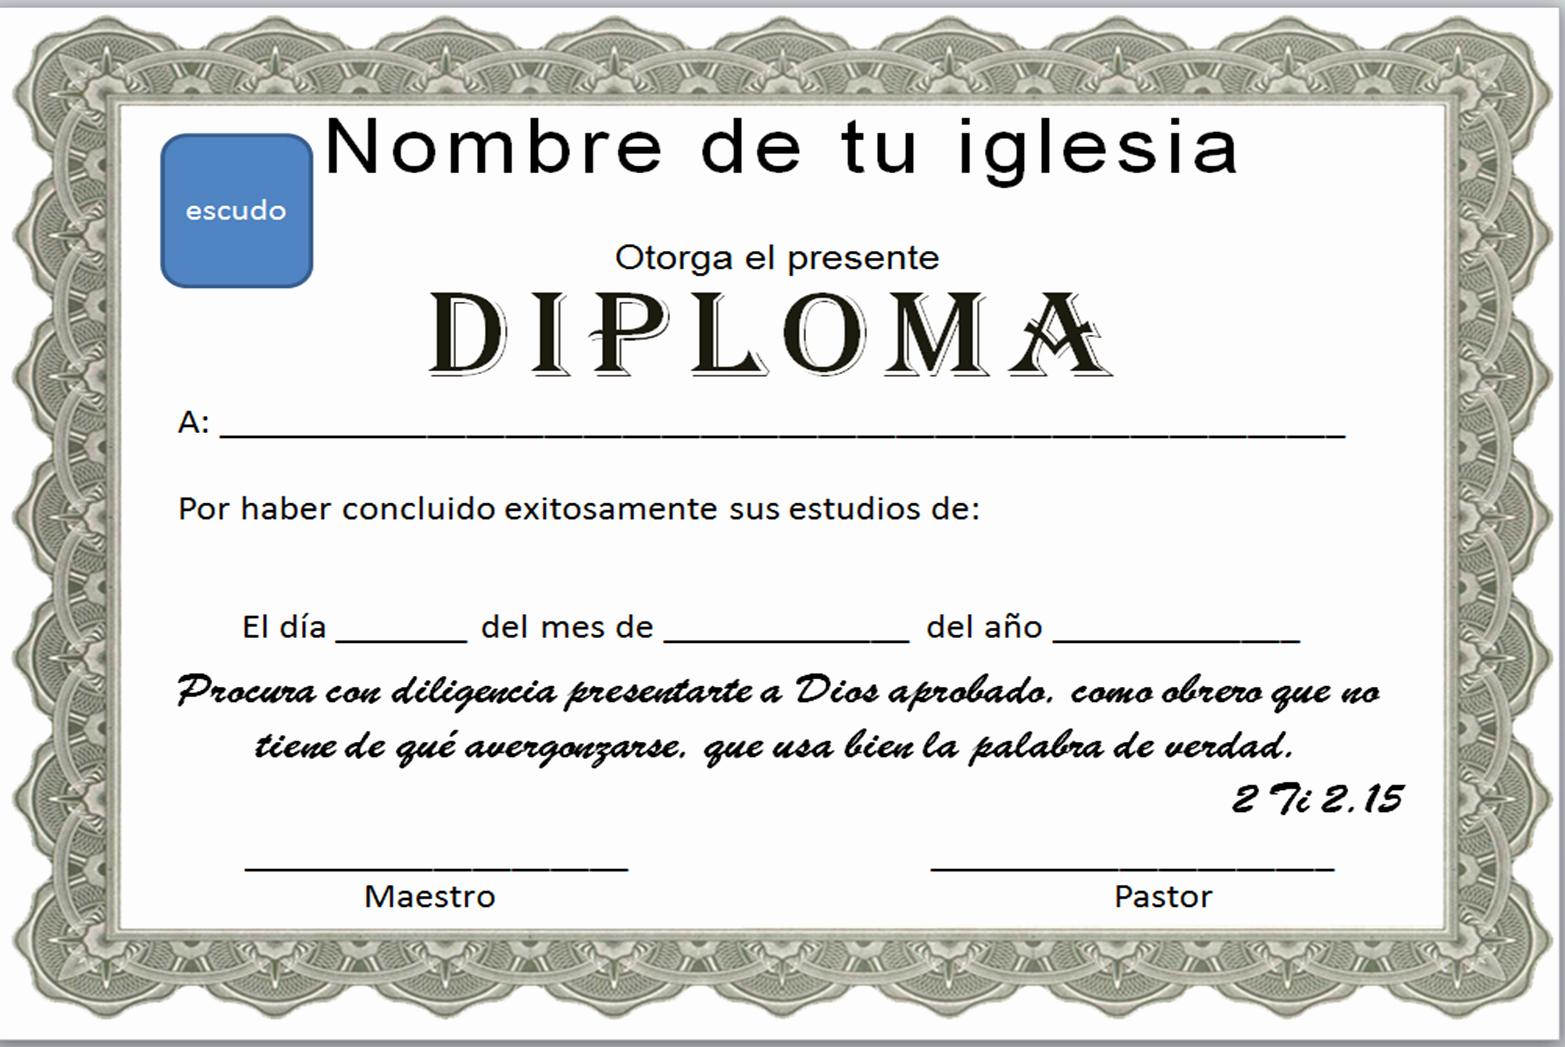 Modelos De Diplomas Para Editar Awesome Iglesia Mar Abierto Diplomas Cristianos Para Descargar Gratis